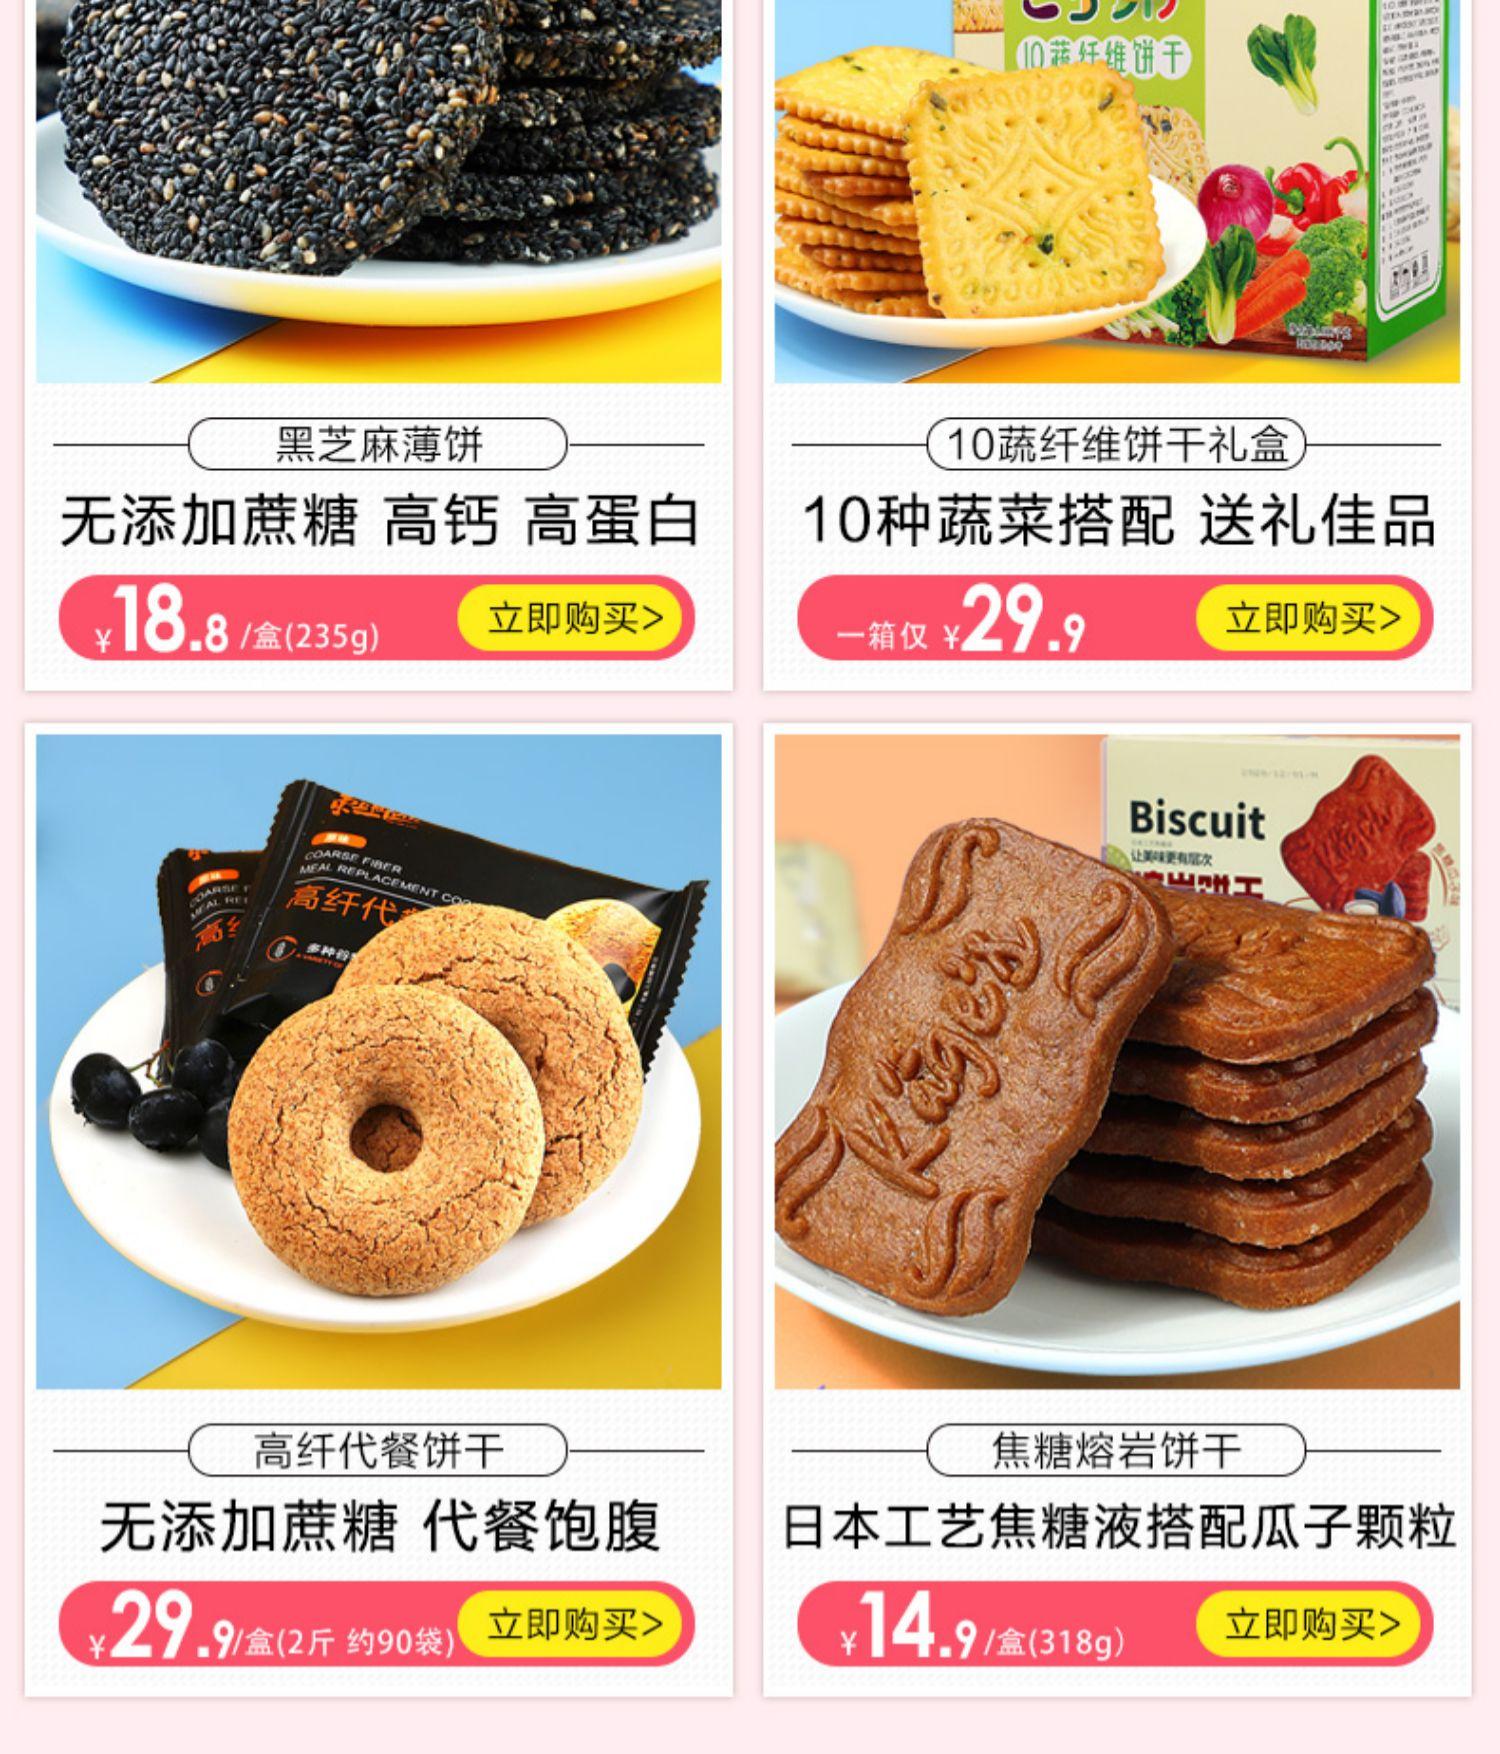 红豆薏米燕麦全麦代餐饼干420g